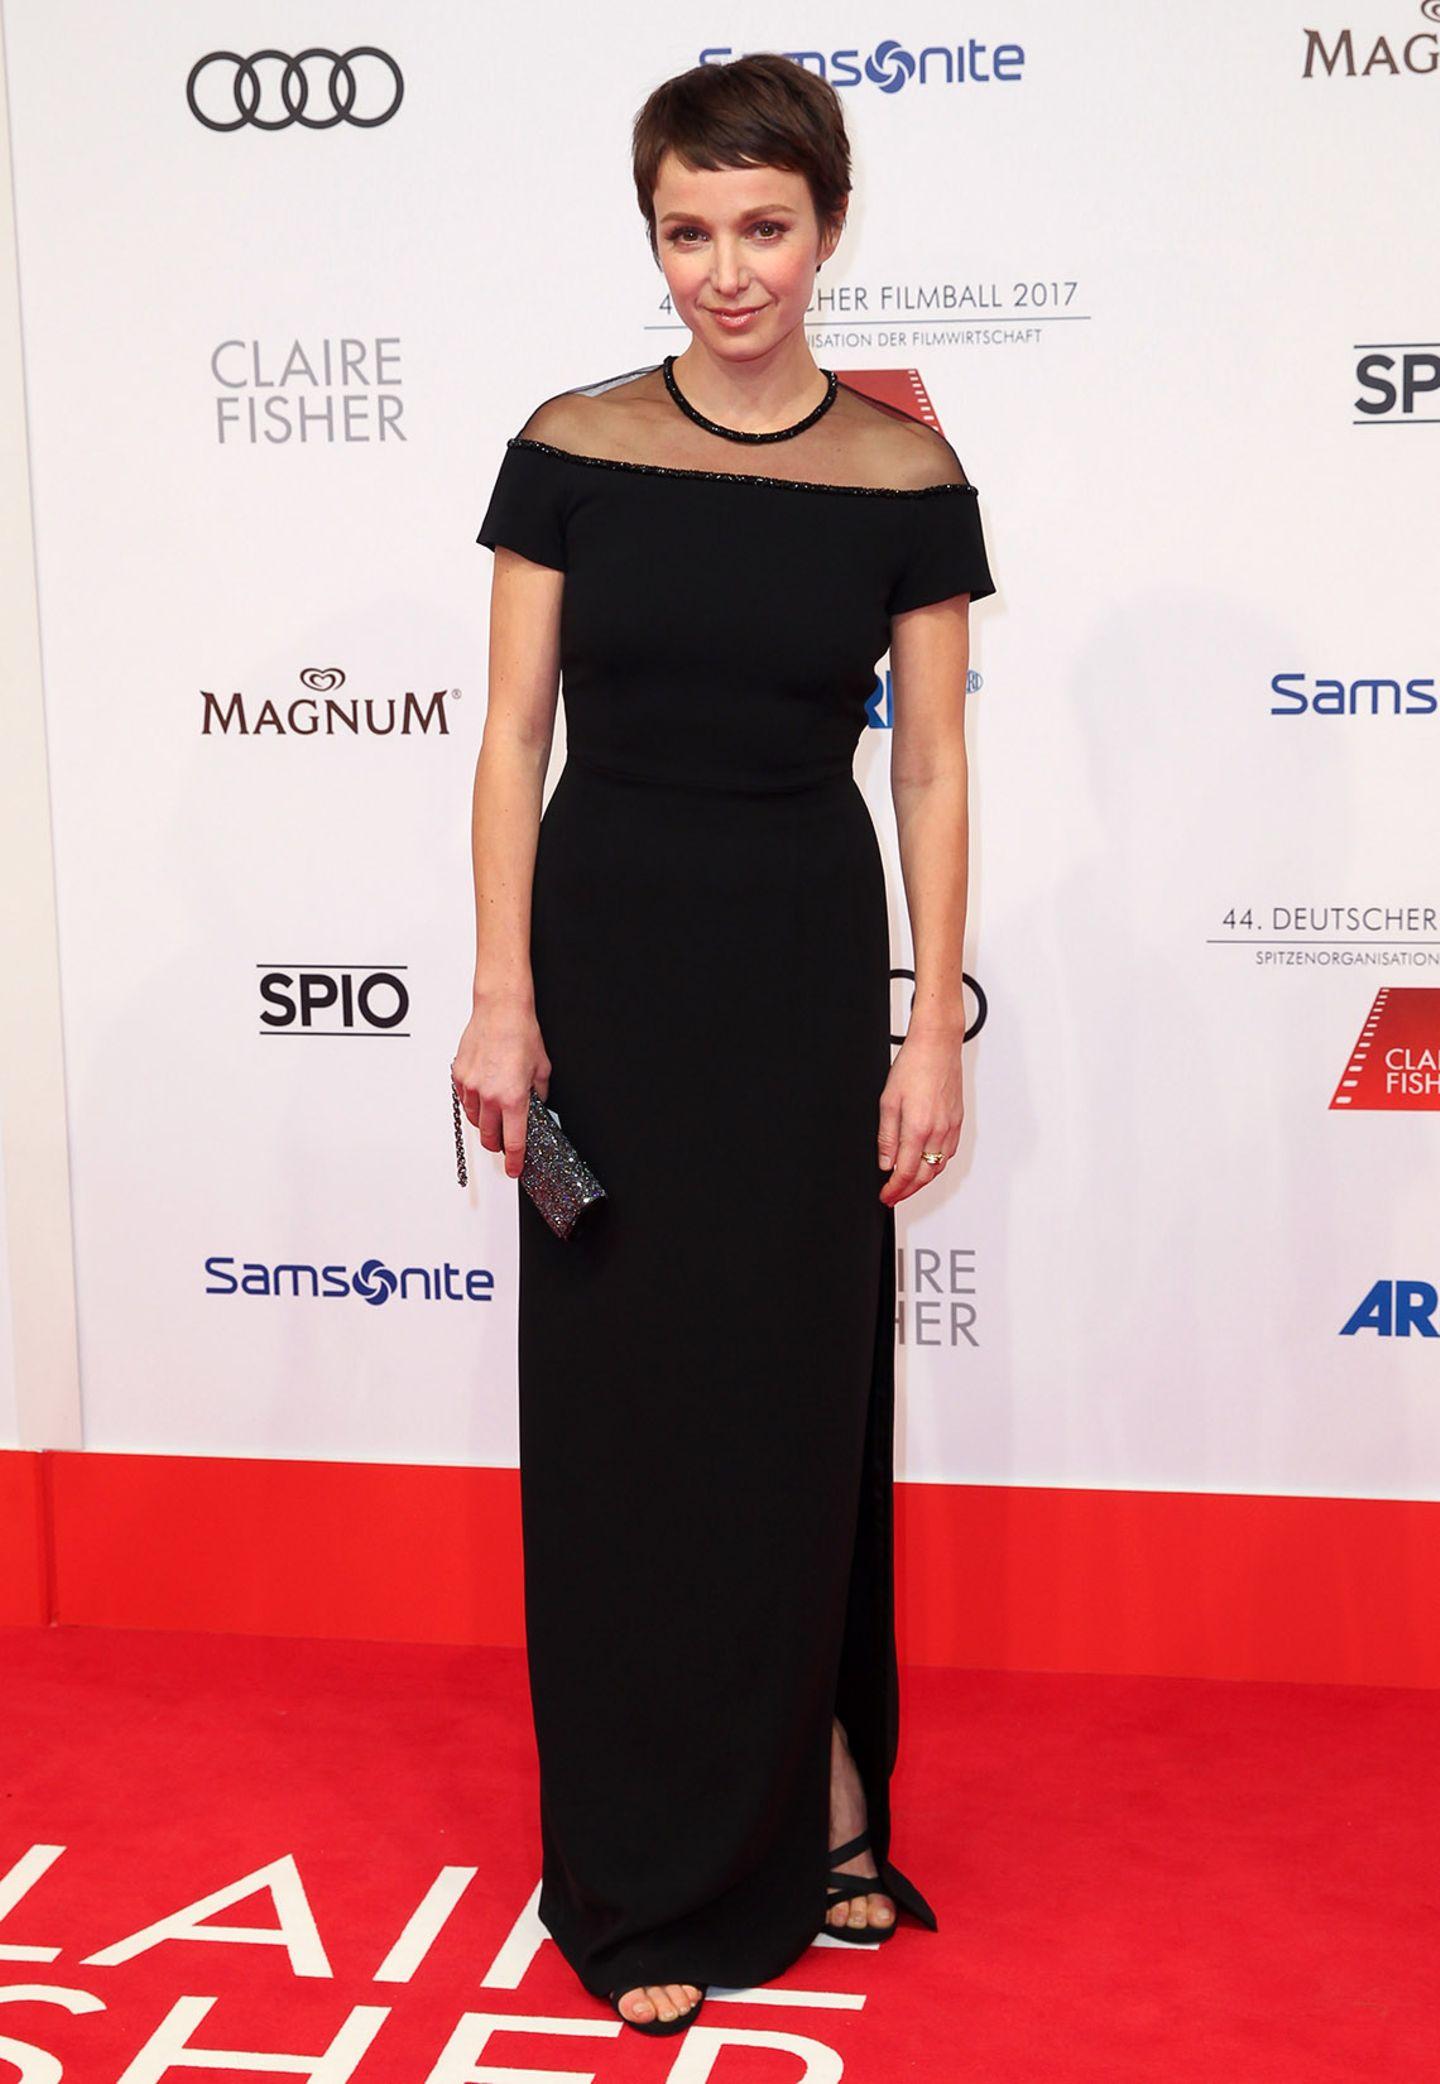 Und noch eine Schönheit in Schwarz: Julia Koschitz mit süßem Kurzhaarschnitt